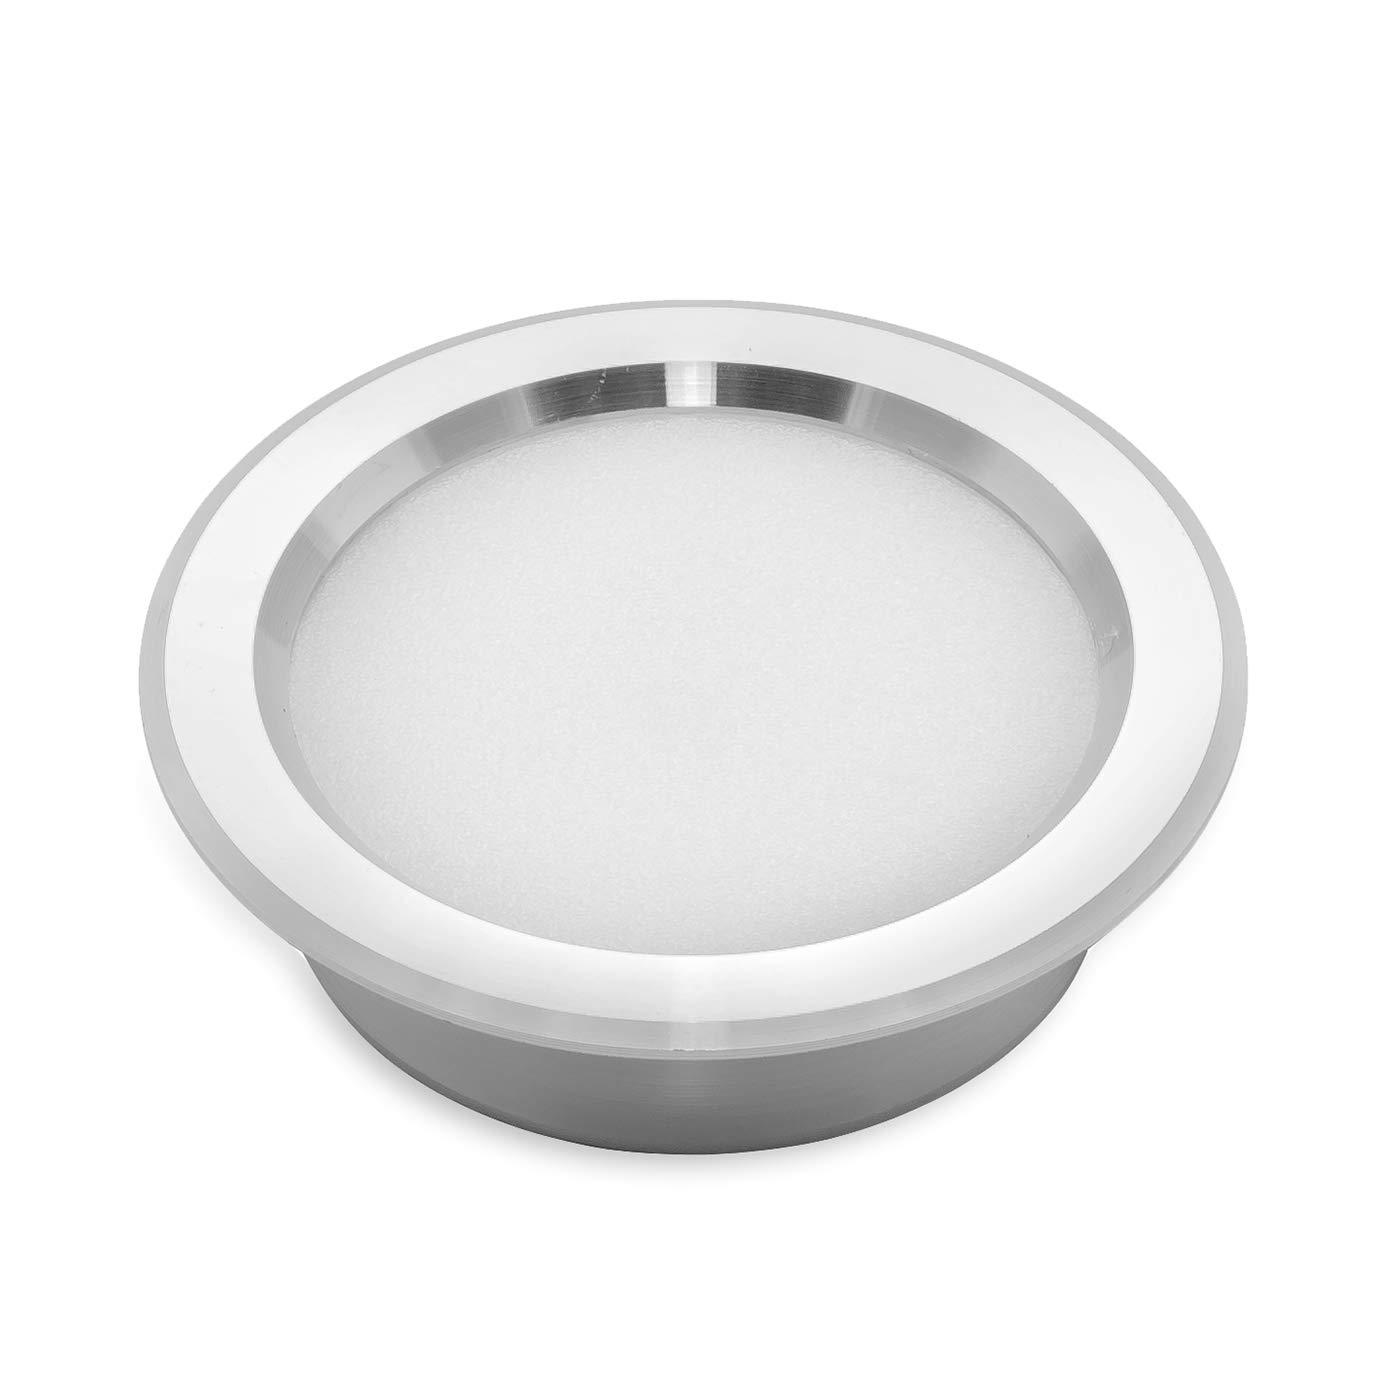 Foco LED empotrable 3 W fino. Luz para campana extractora de cocina, estantes. 220 V Sustitución halógena – Luz blanca cálida: Amazon.es: Iluminación